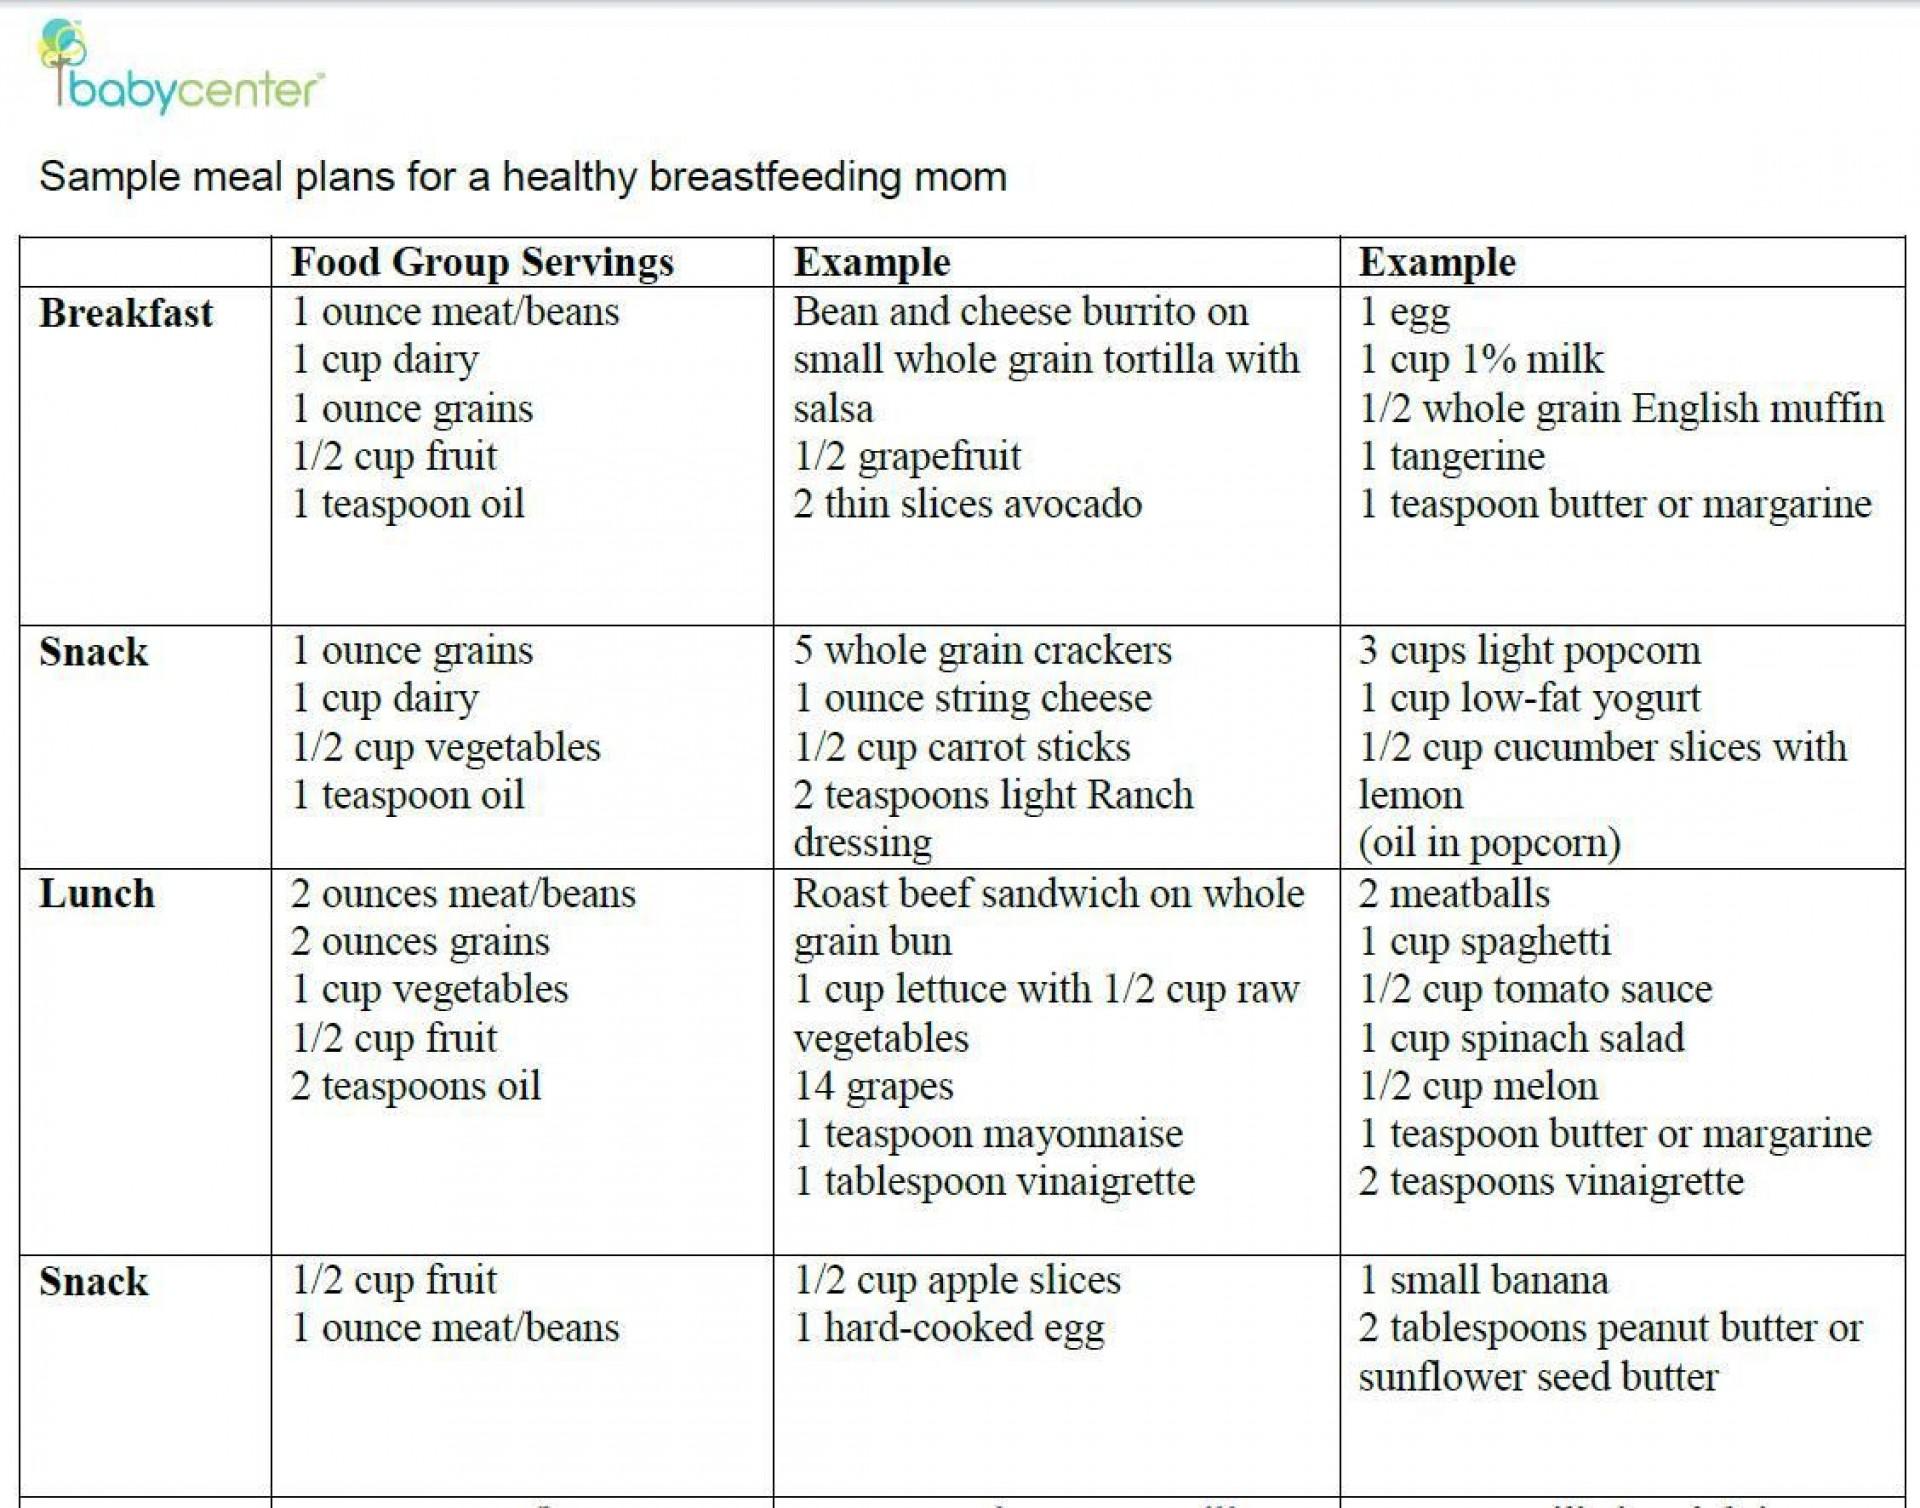 000 Shocking Breastfeeding Meal Plan Sample Pdf Inspiration 1920